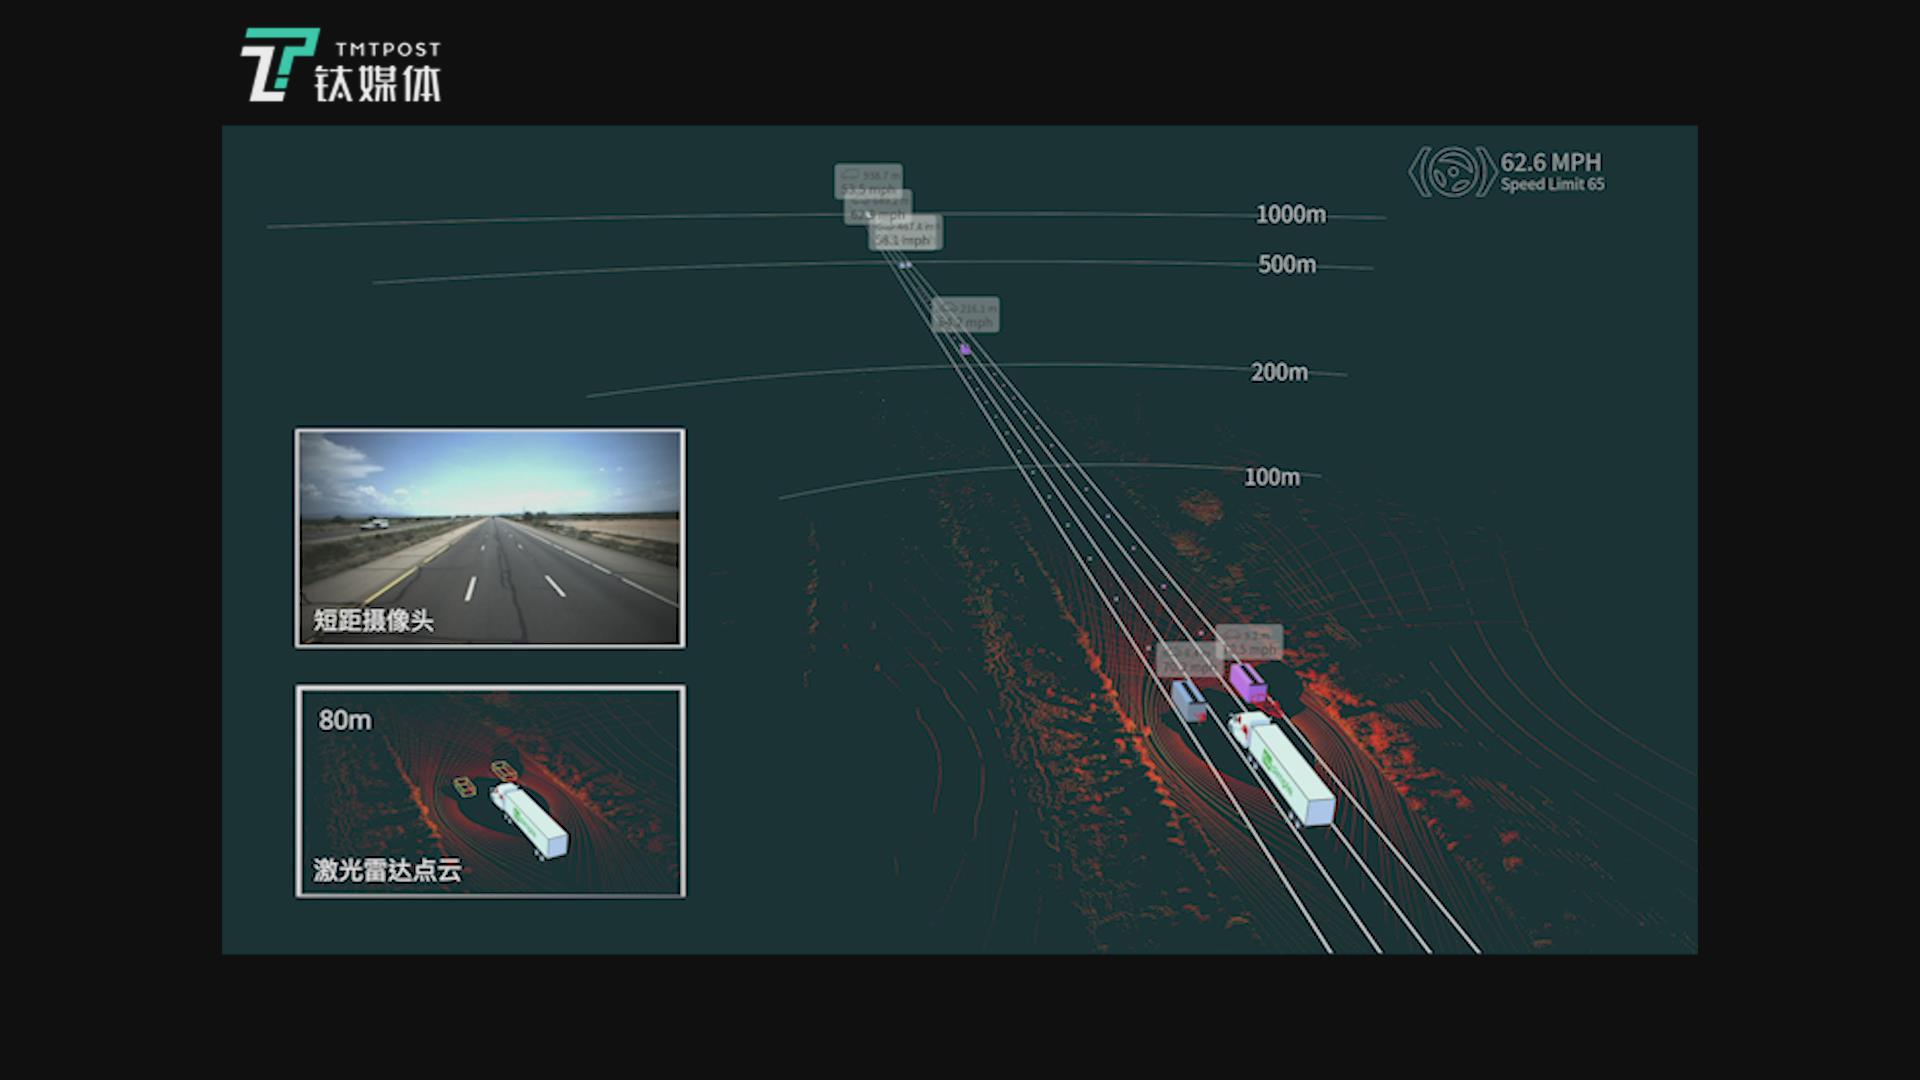 图森自动驾驶卡车1000米感知距离展示丨钛媒体